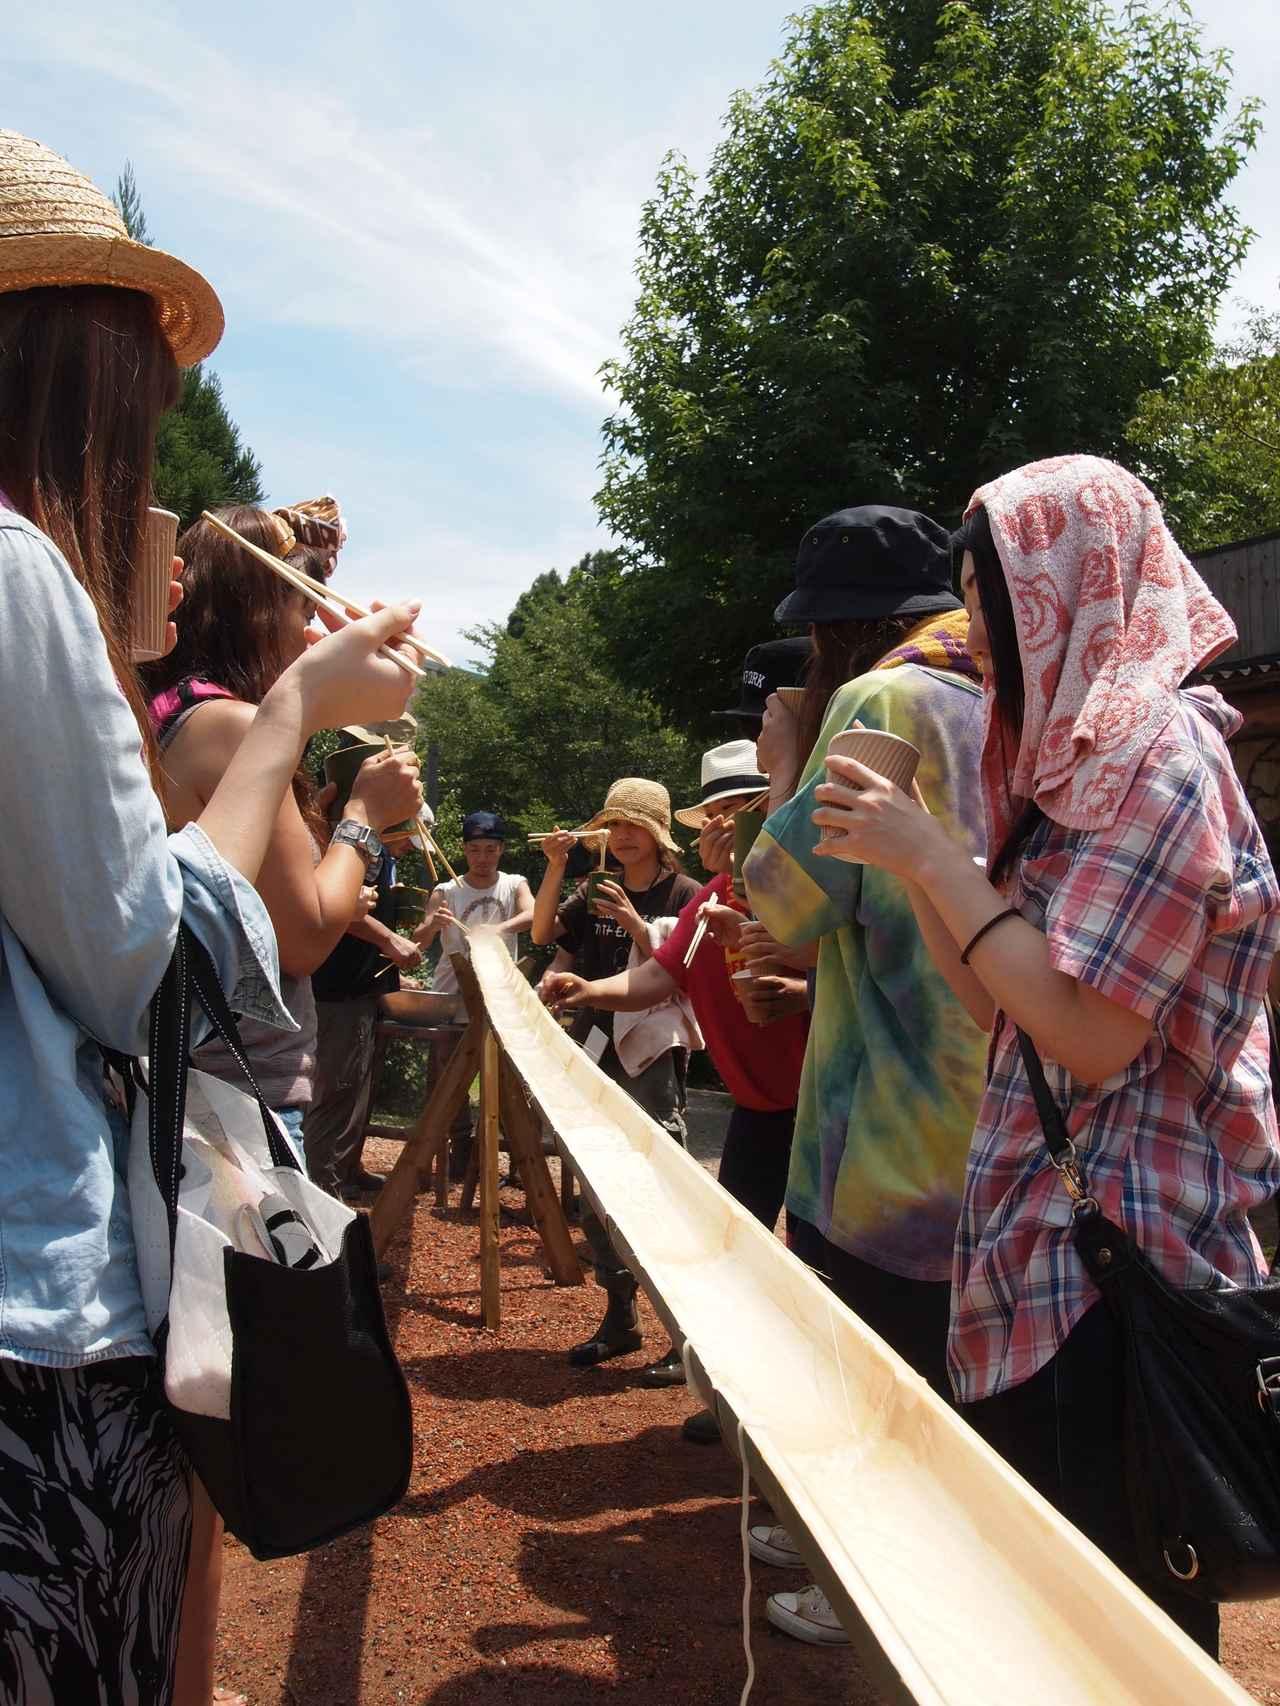 画像6: 夏恒例の「流しそうめん」 でも暑さは克服できず!? Farming Event Report【2015.7.26】